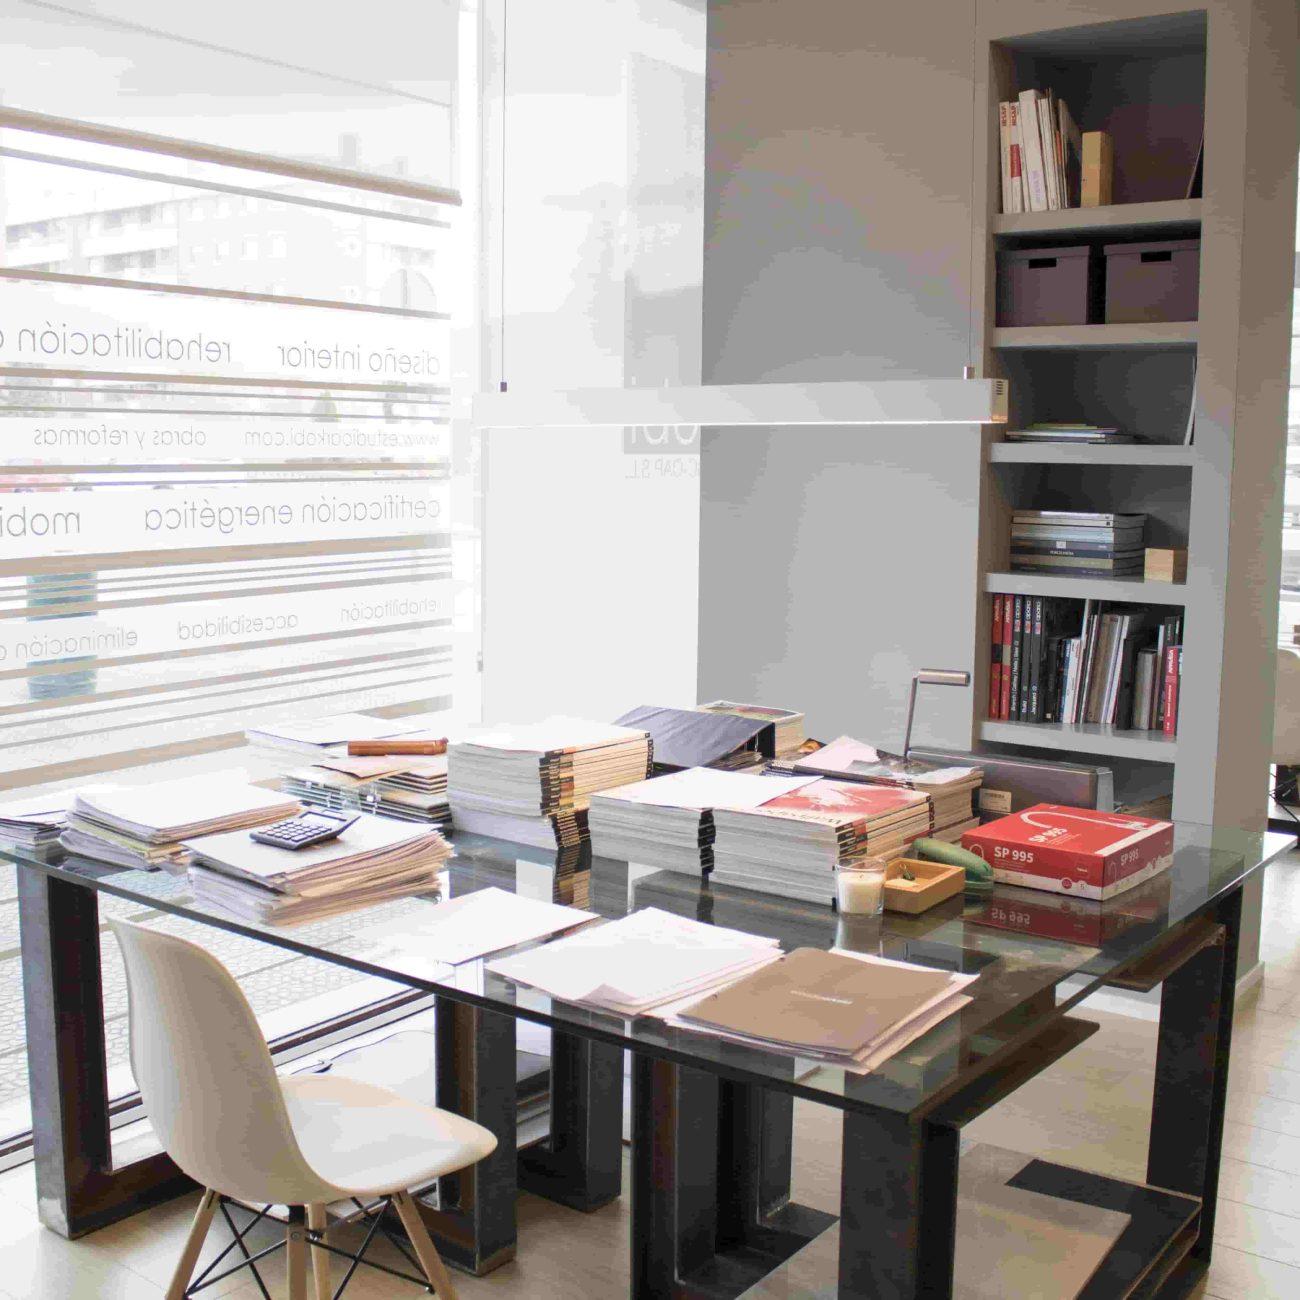 Estudio Arkobi arquitectura interiorismo reformas